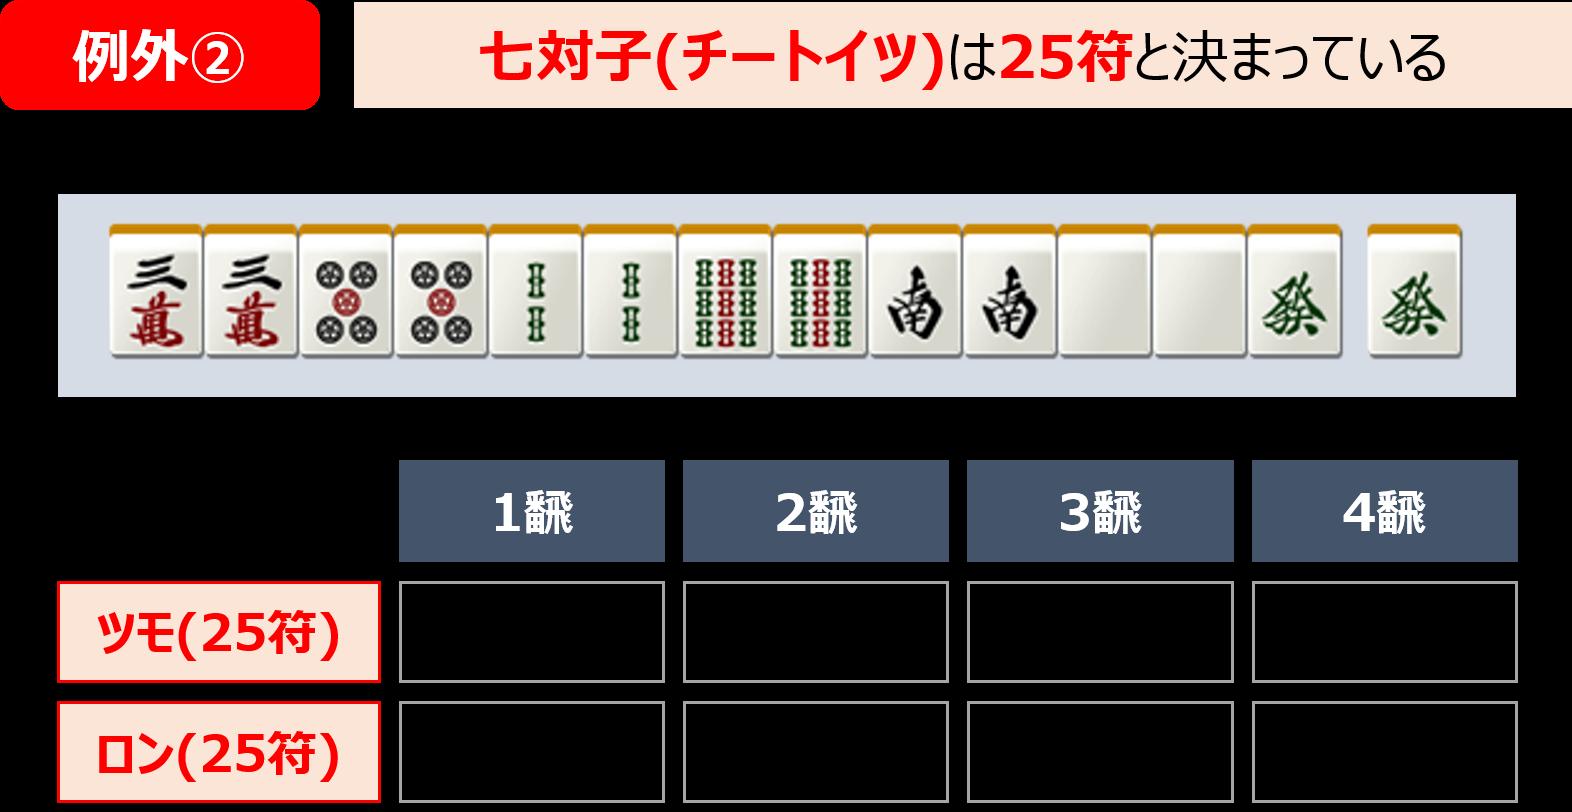 符計算の例外②、七対子